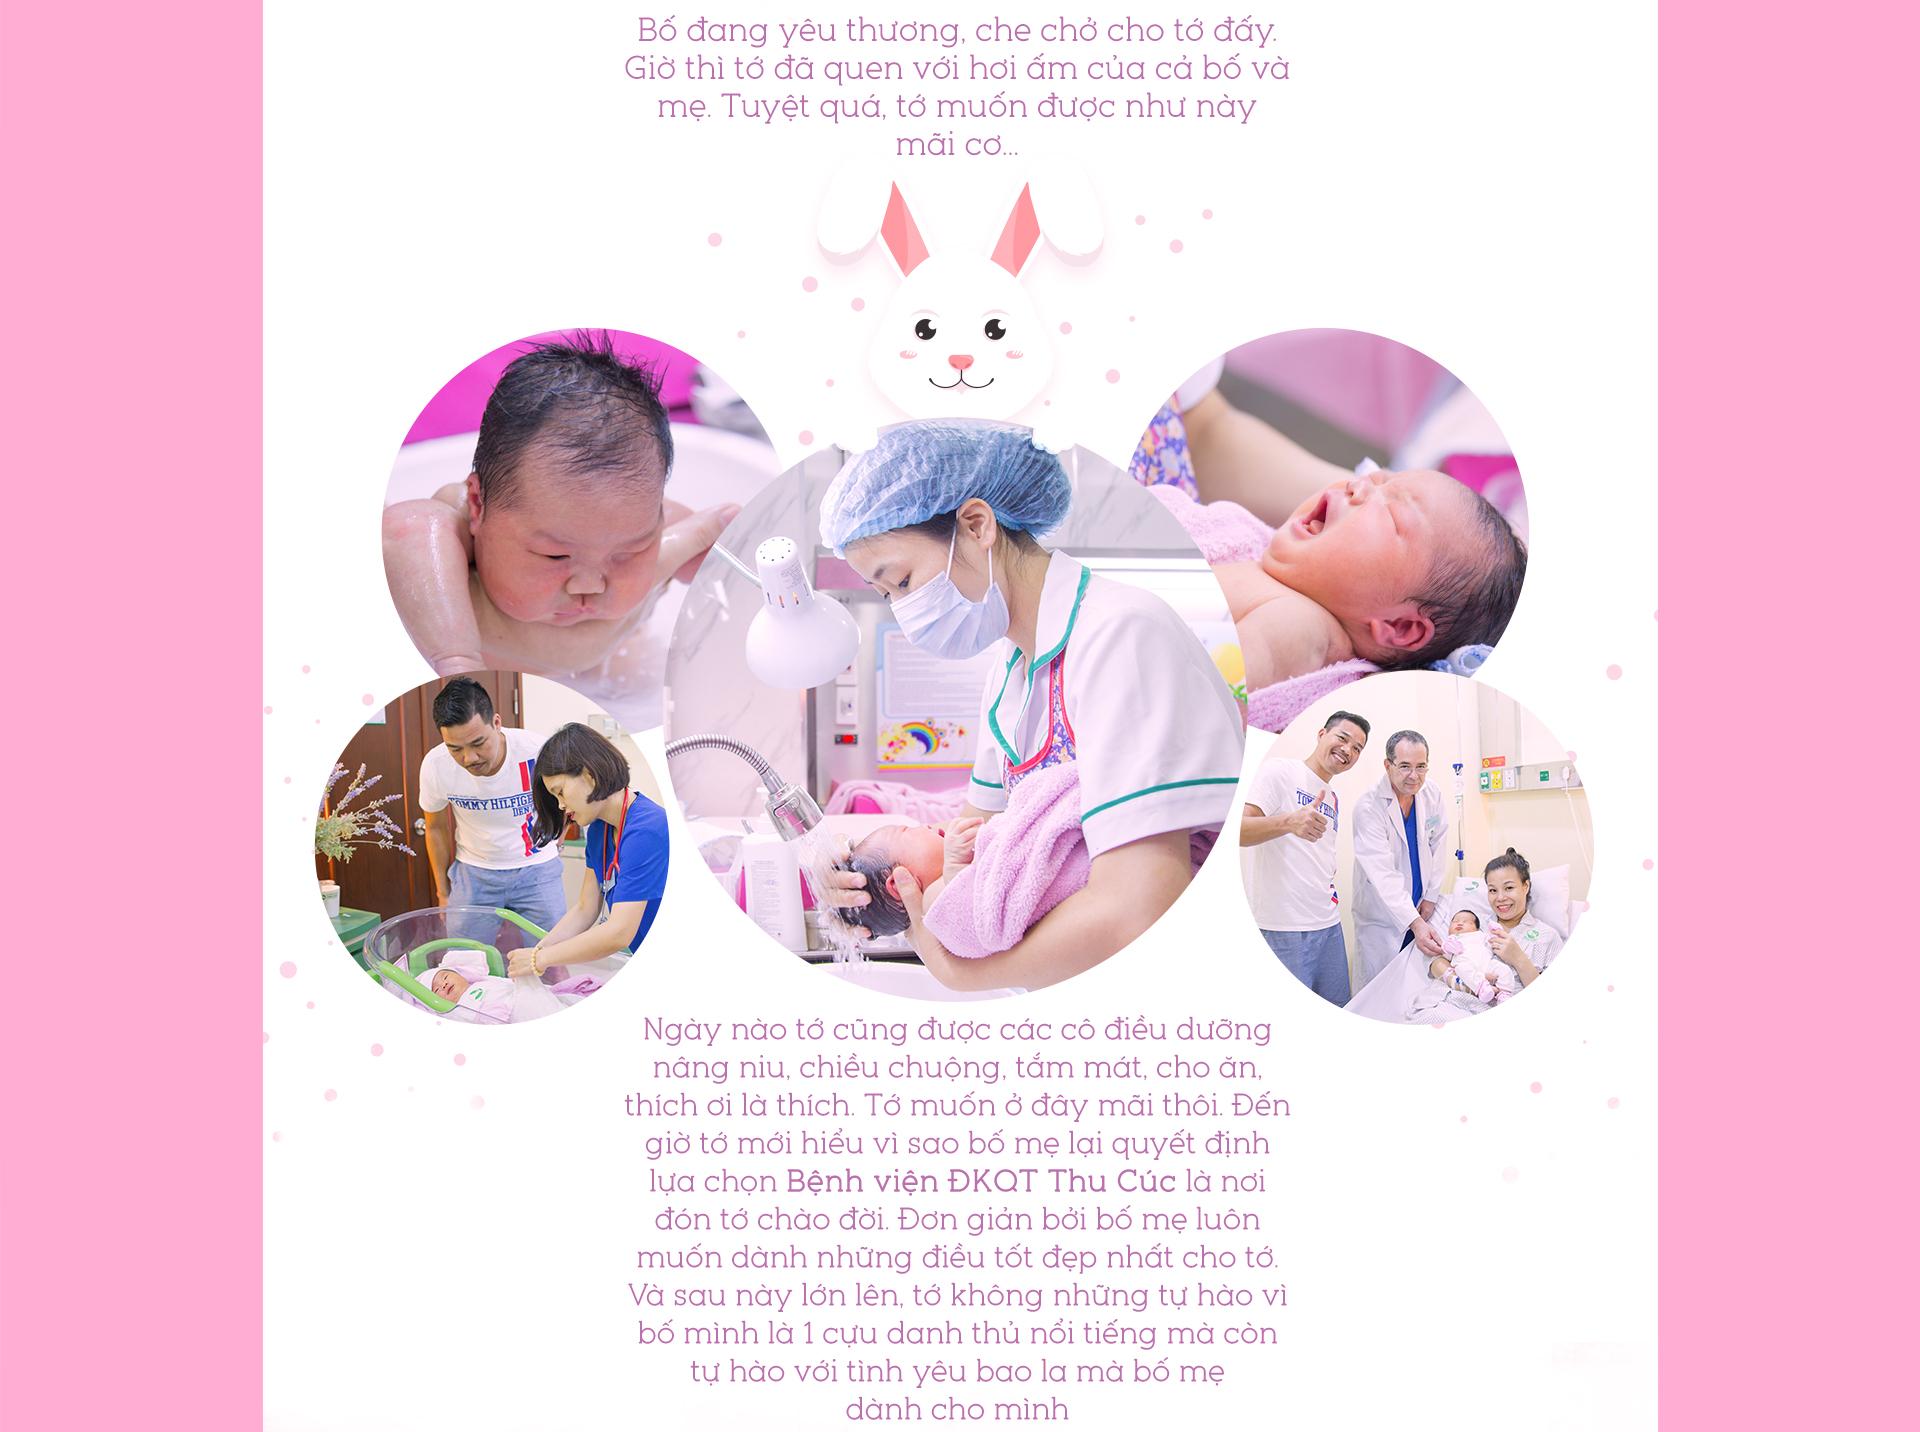 Nhật ký ra đời của bạn Thỏ - thiên thần nhà cựu danh thủ Quốc gia Phạm Như Thuần 8